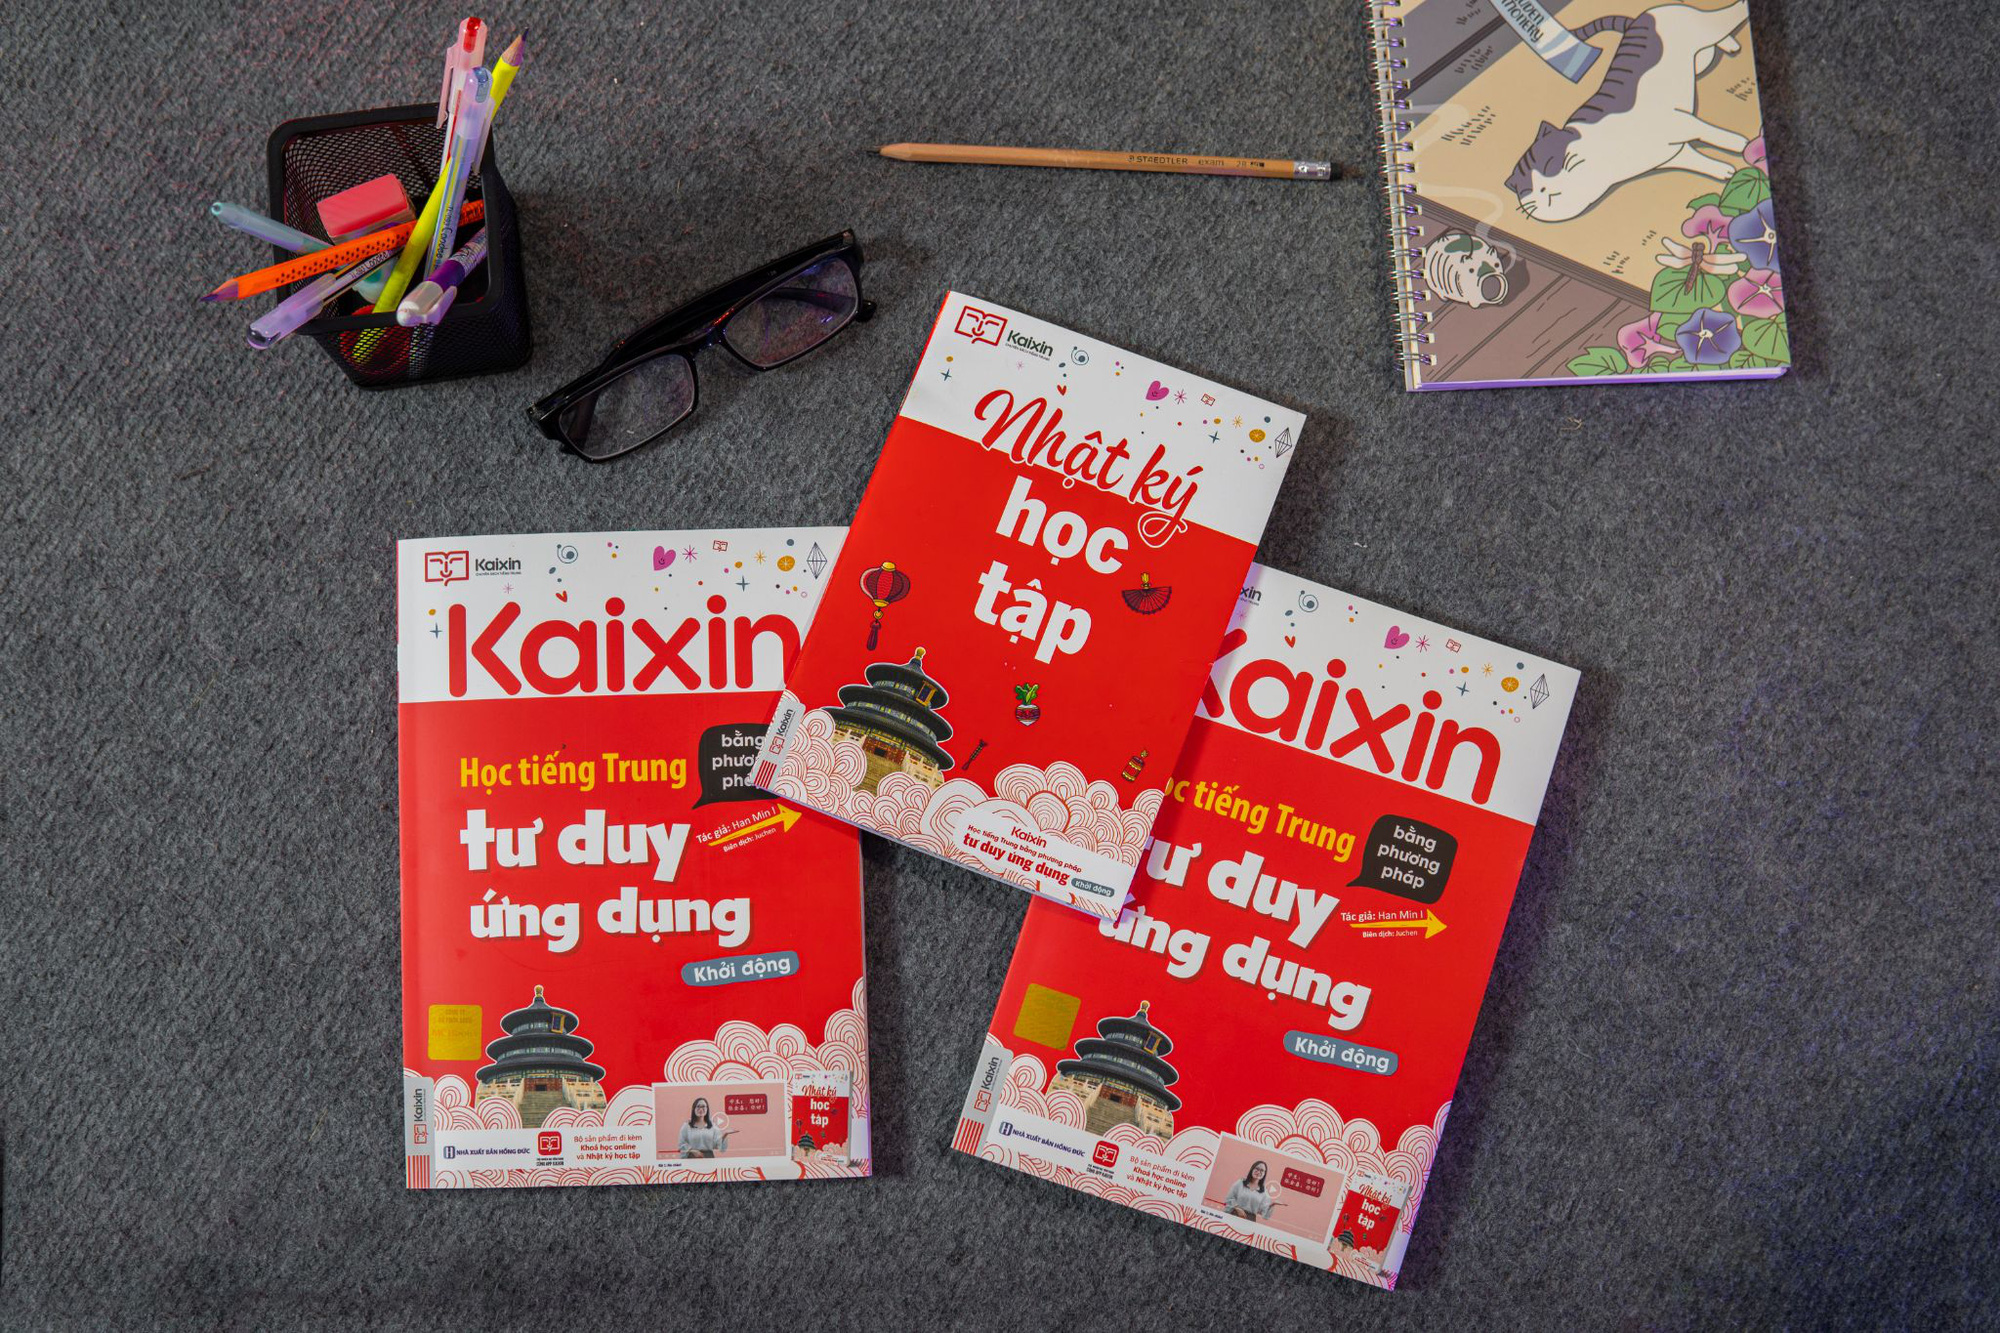 Khóa học tiếng Trung giao tiếp Kaixin: Vũ khí vạn năng dành cho người mới bắt đầu - Ảnh 5.